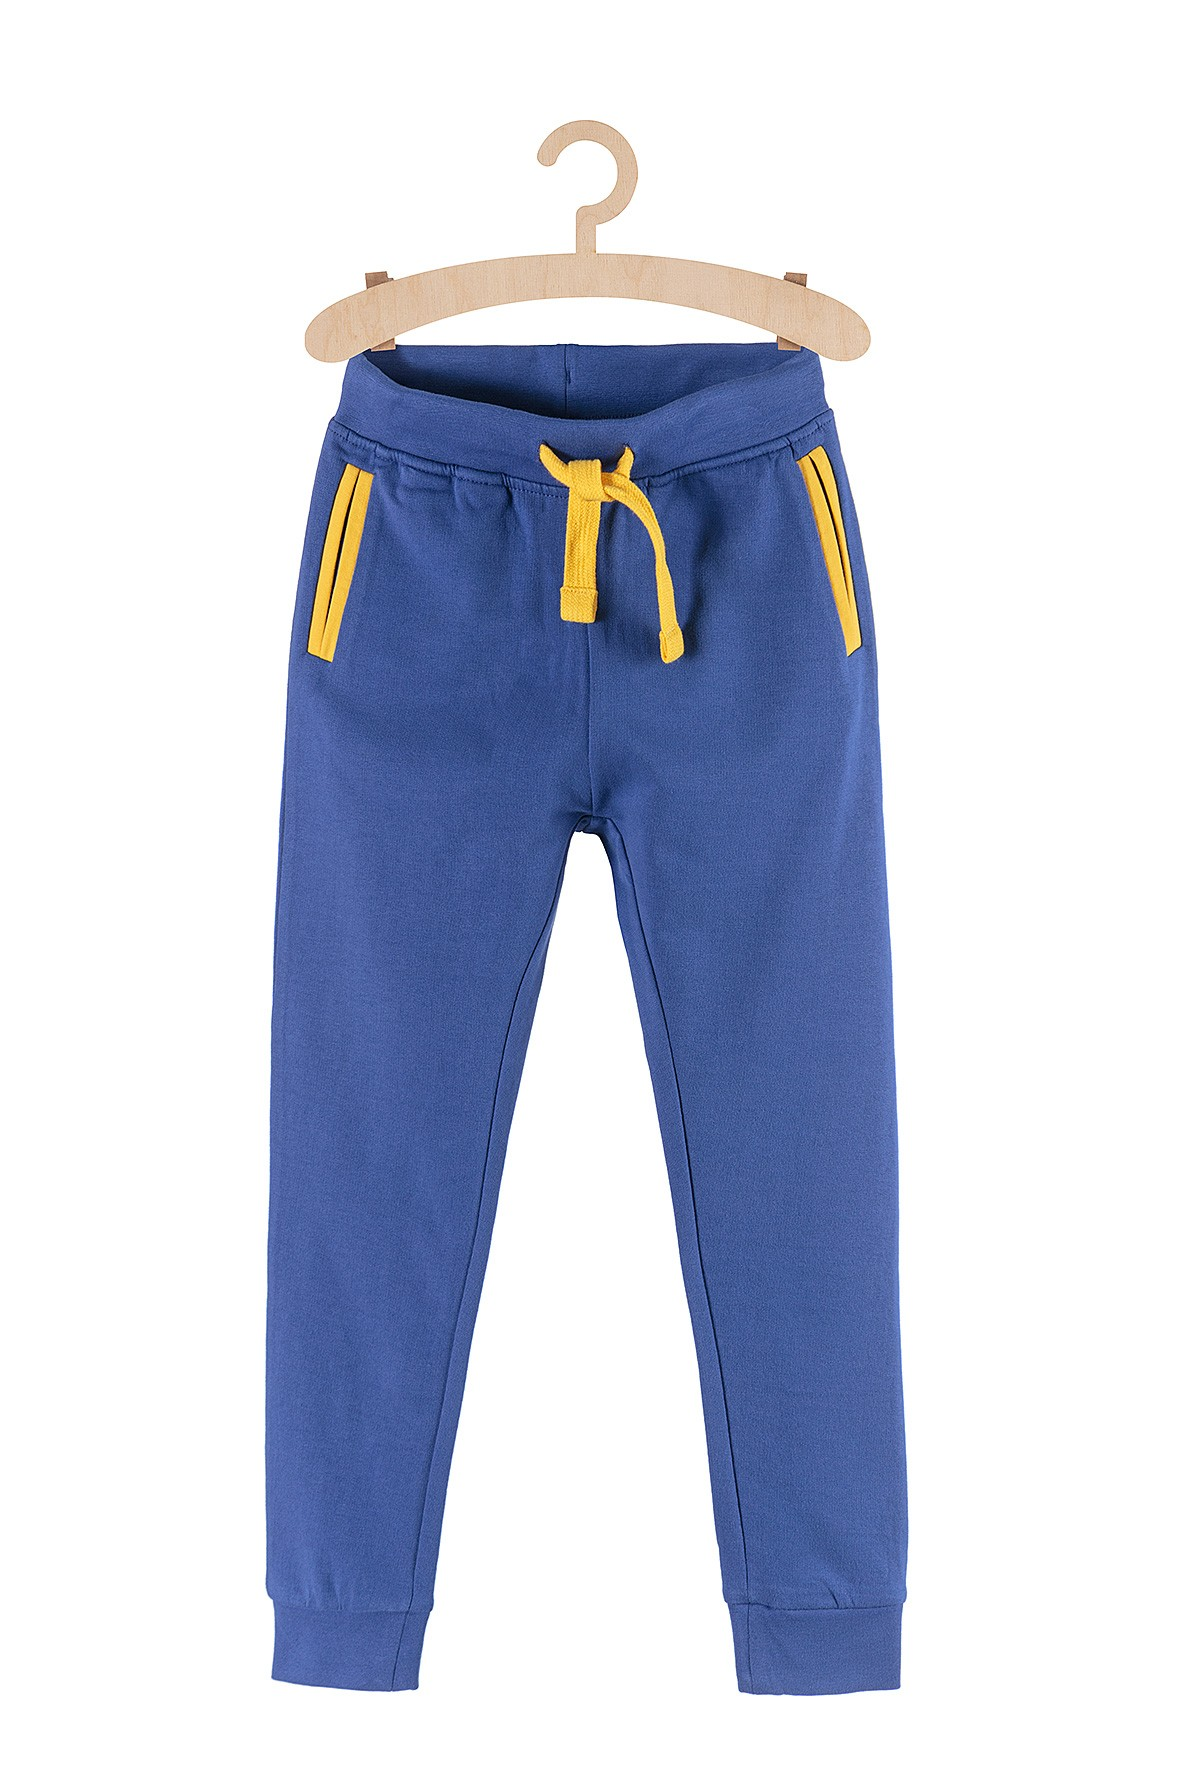 Spodnie dresowe dla chłopca niebieskie z żółtymi wstawkami